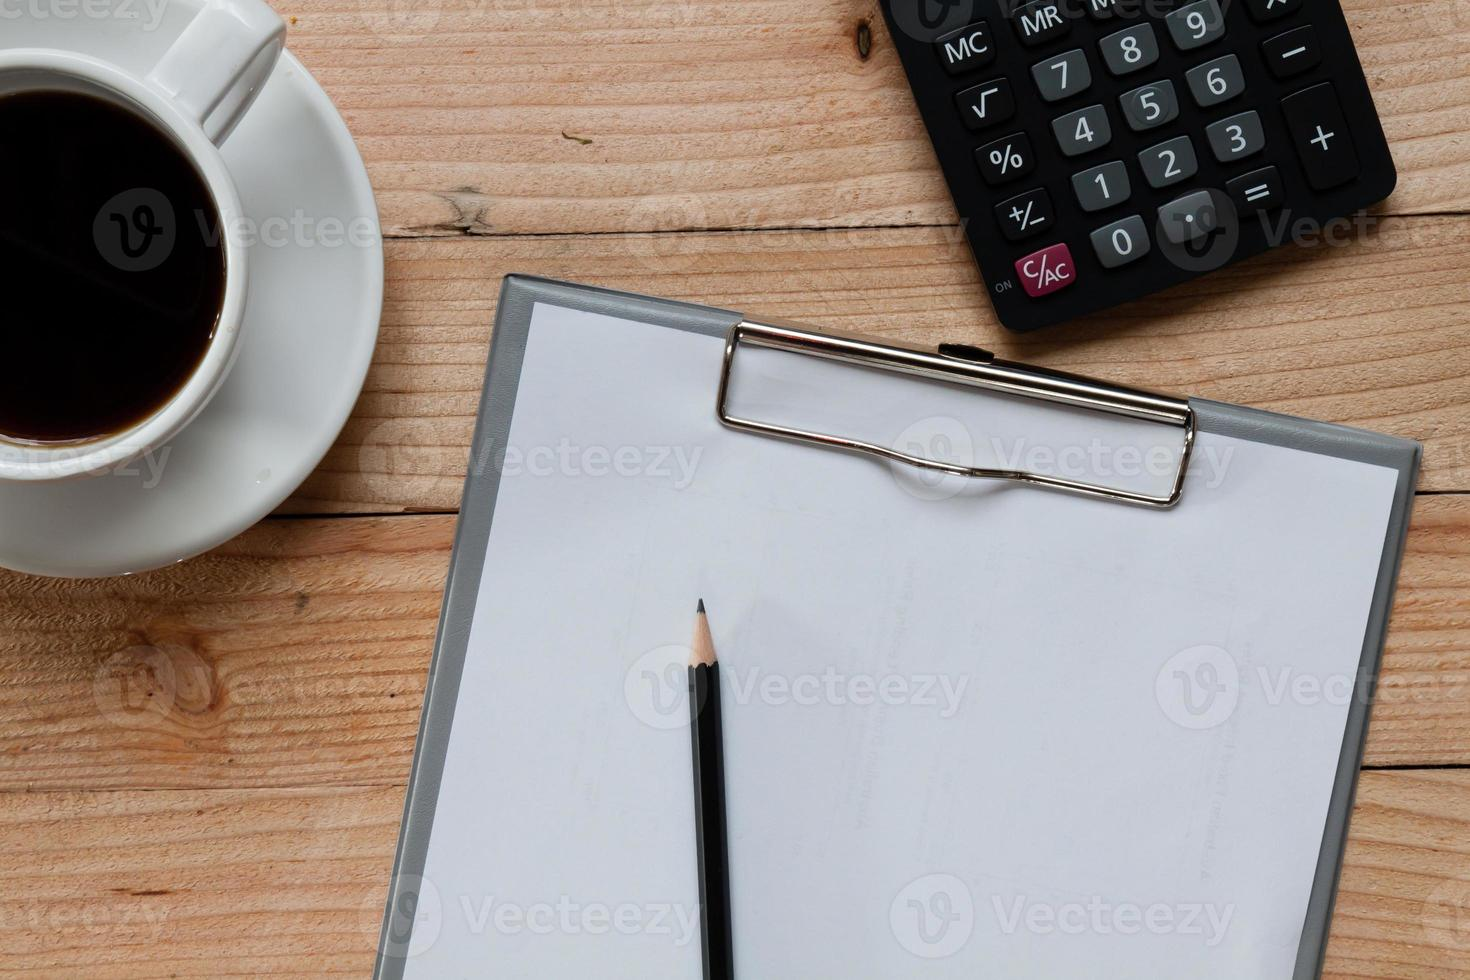 table de travail couverte de documents. vue de dessus. photo